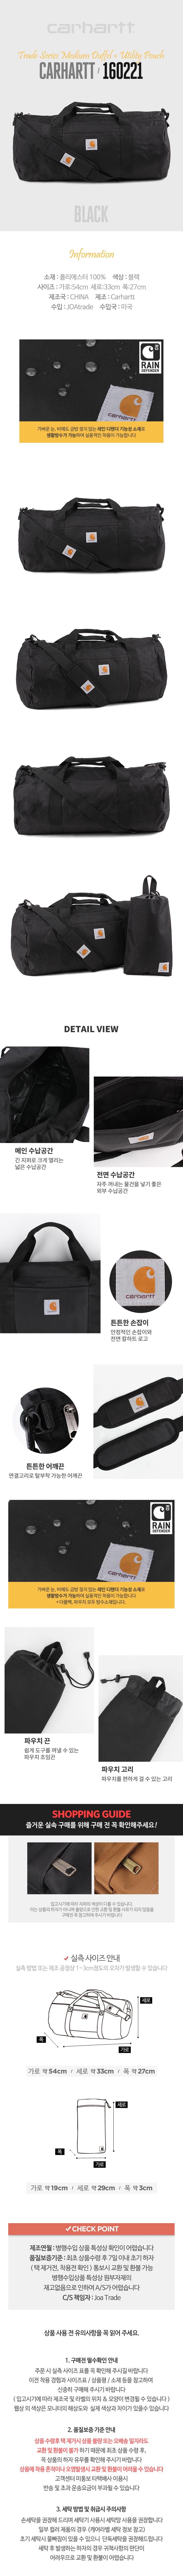 칼하트(CARHARTT) 트래드 시리즈 더플백+파우치 BP-D 블랙